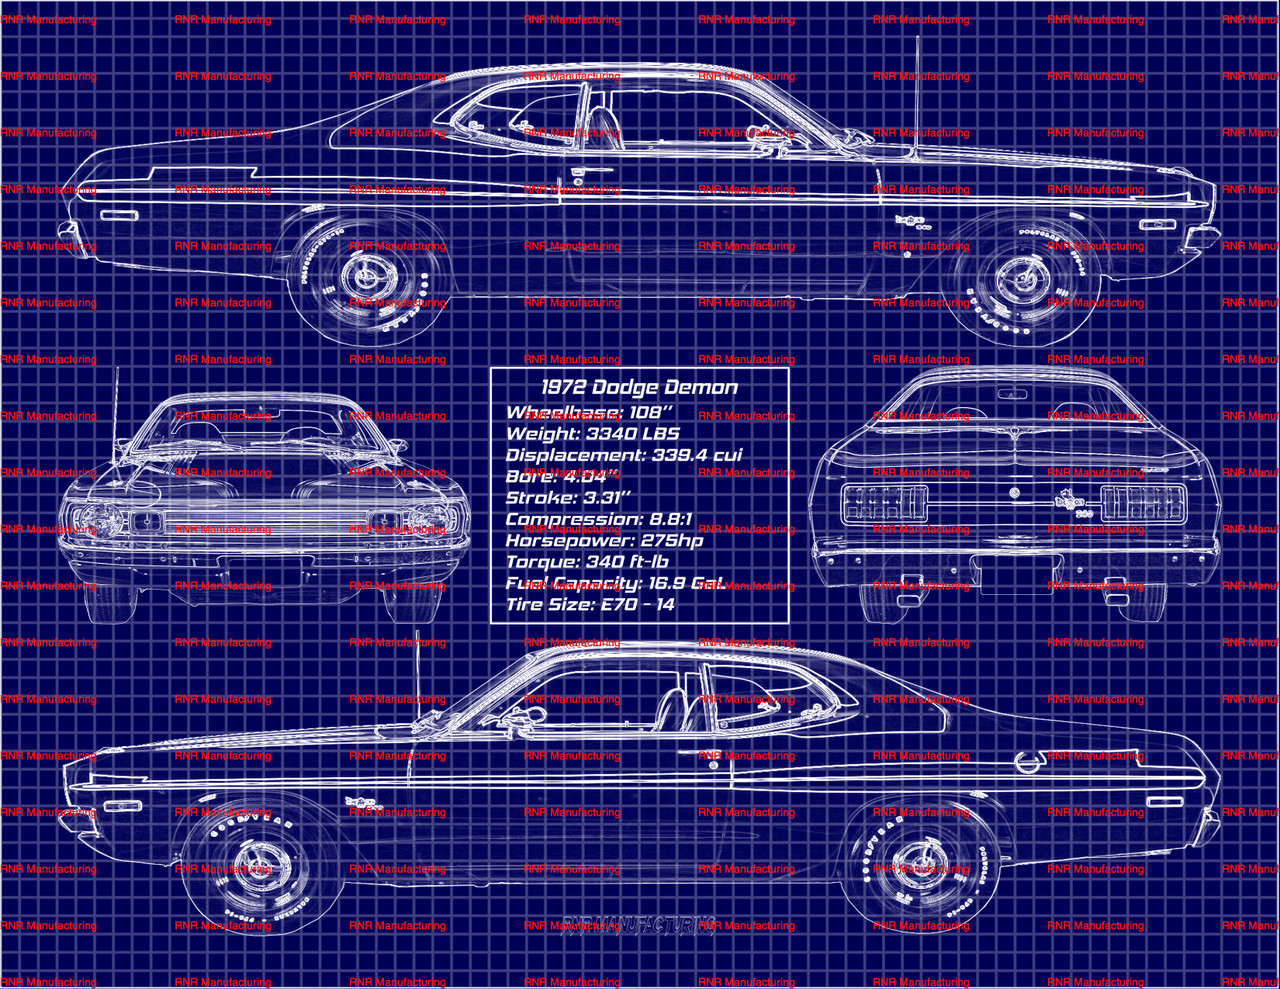 1971 1972 Dodge Demon 340 A Body Hood Pin Bezels /& Gaskets Kit New MoPar